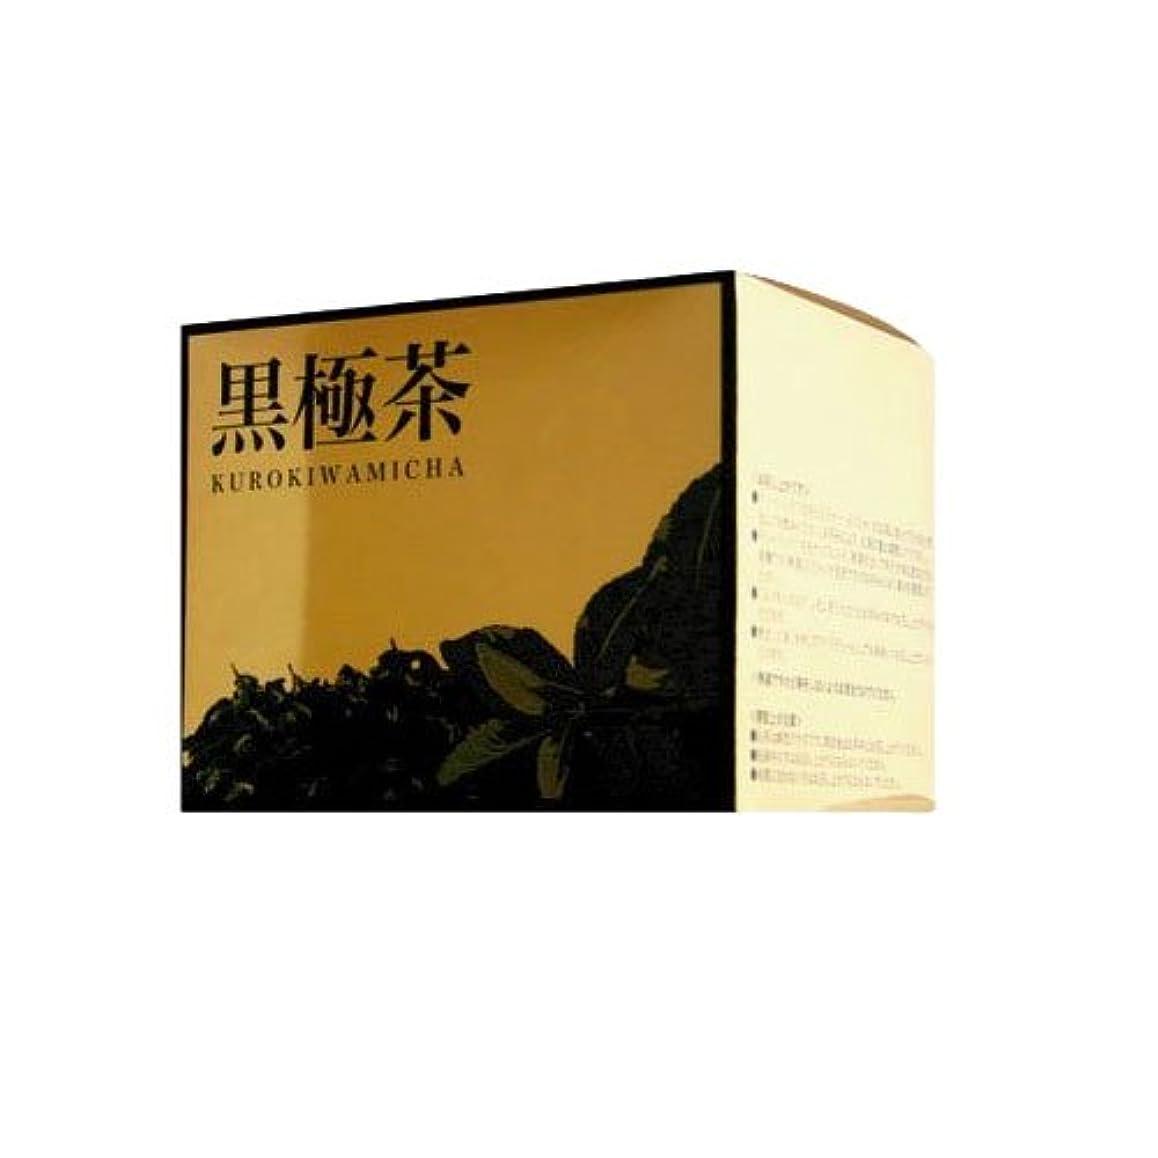 労働者ライングループ黒極茶(ゴールド) 2.5g*30包入